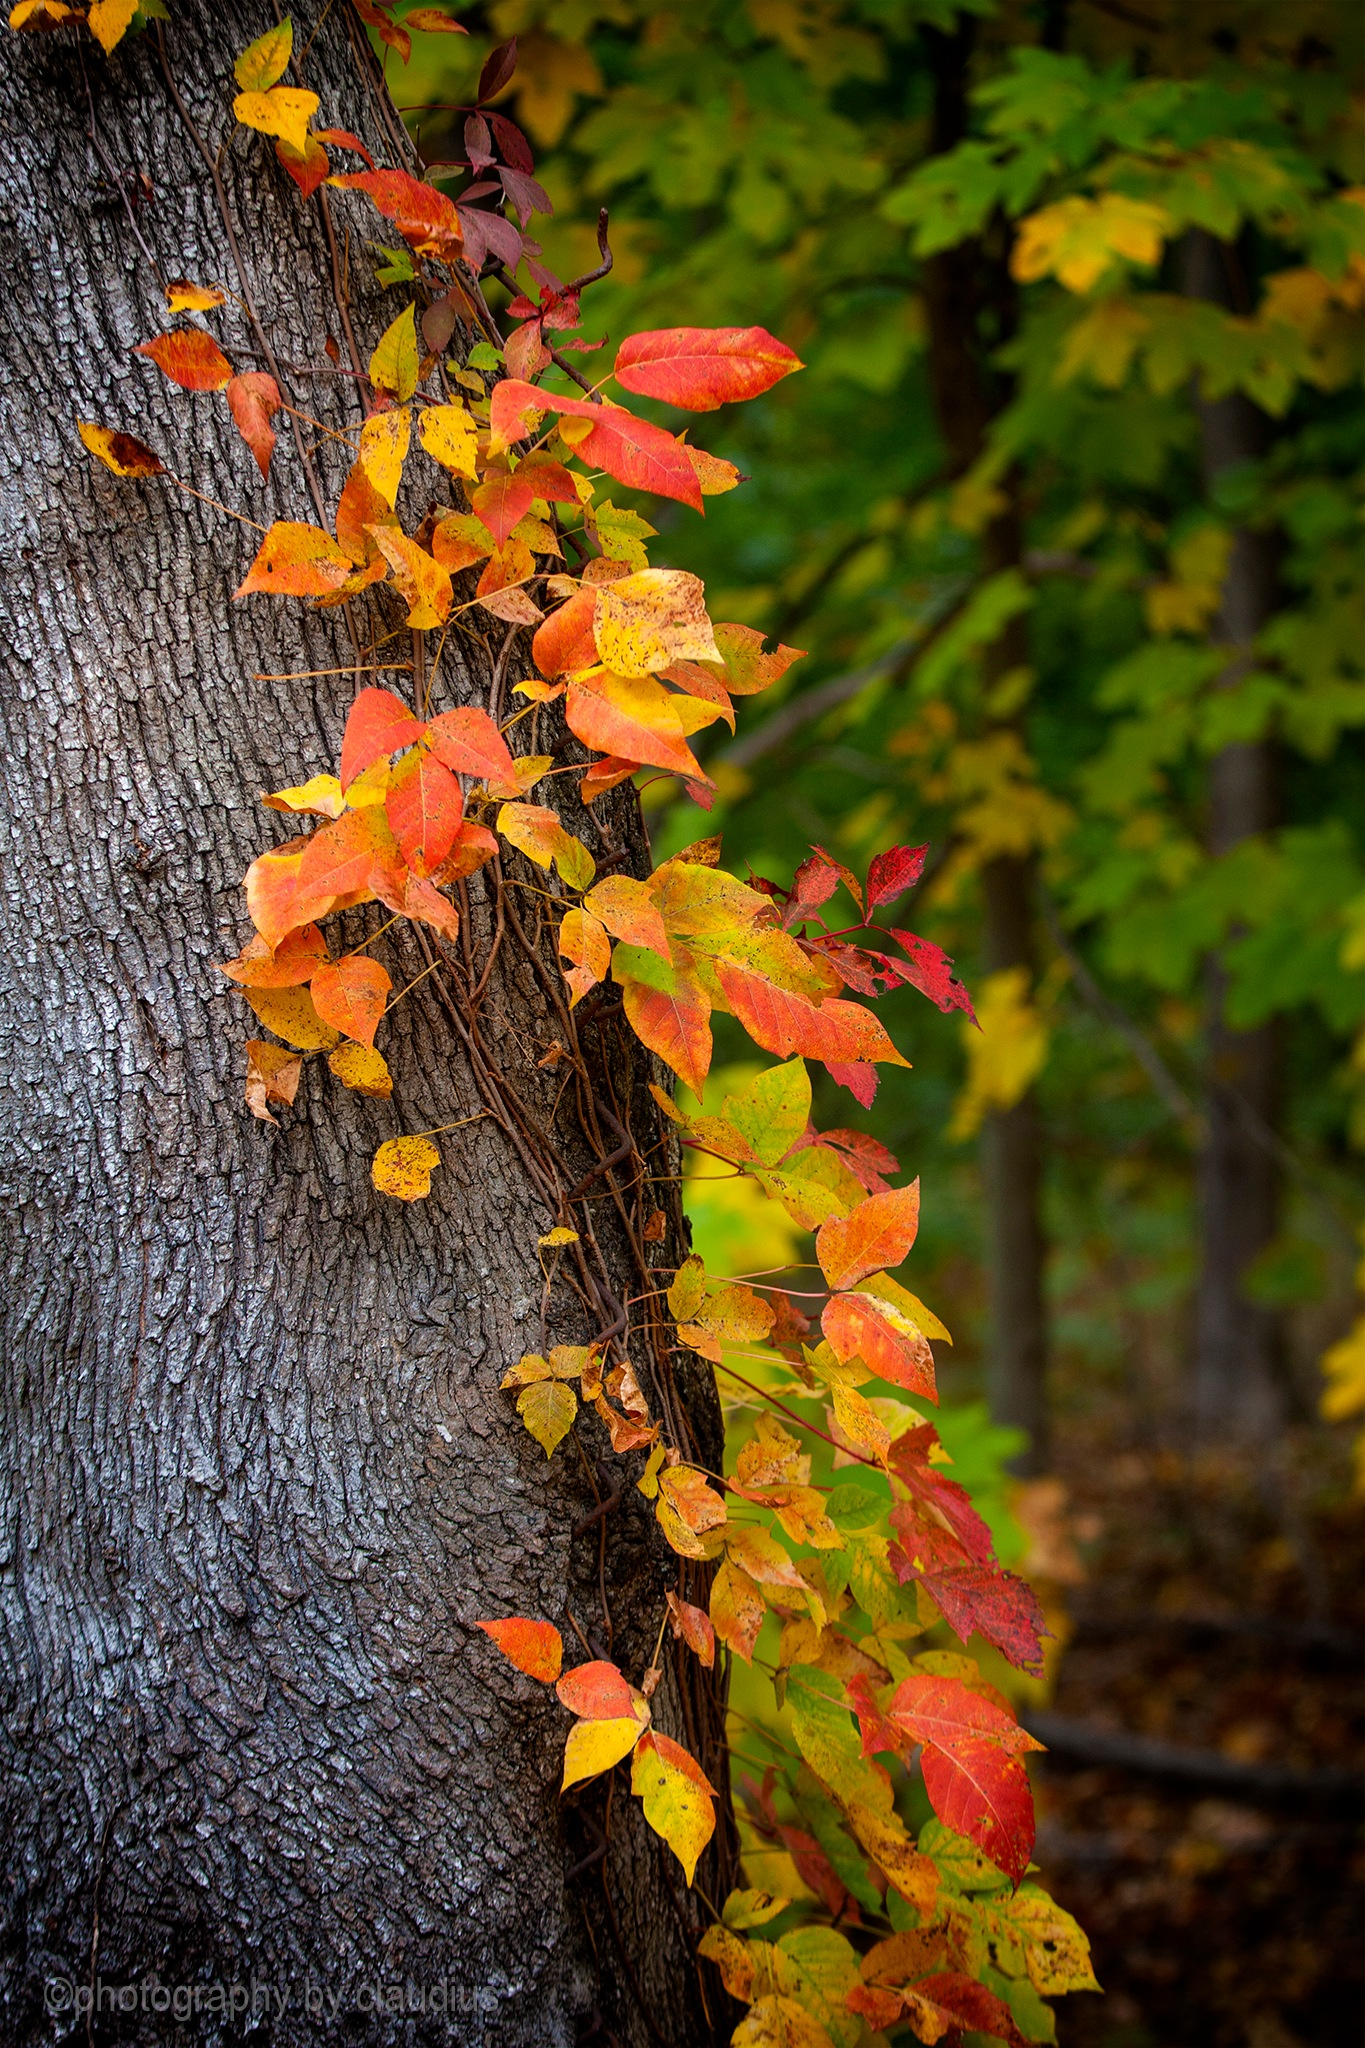 Still climbing the tree... by Claudius Cazan